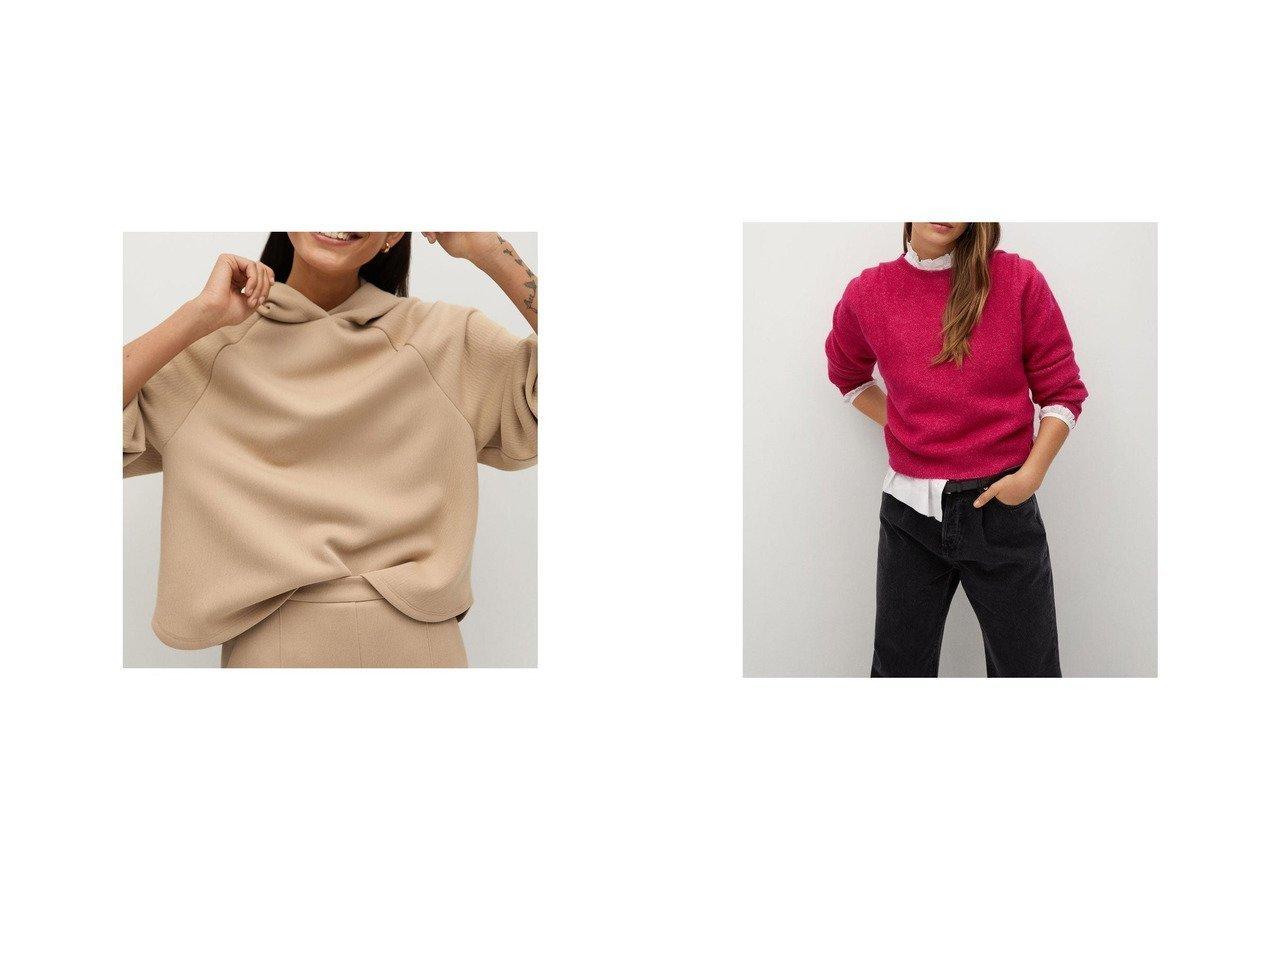 【MANGO/マンゴ】のスウェットシャツ .-- TAMMY&セーター .-- NARVONA MANGOのおすすめ!人気、トレンド・レディースファッションの通販  おすすめで人気の流行・トレンド、ファッションの通販商品 メンズファッション・キッズファッション・インテリア・家具・レディースファッション・服の通販 founy(ファニー) https://founy.com/ ファッション Fashion レディースファッション WOMEN トップス Tops Tshirt シャツ/ブラウス Shirts Blouses パーカ Sweats スウェット Sweat 2021年 2021 2021 春夏 S/S SS Spring/Summer 2021 S/S 春夏 SS Spring/Summer 春 Spring セーター プリーツ ラウンド 長袖 |ID:crp329100000017711